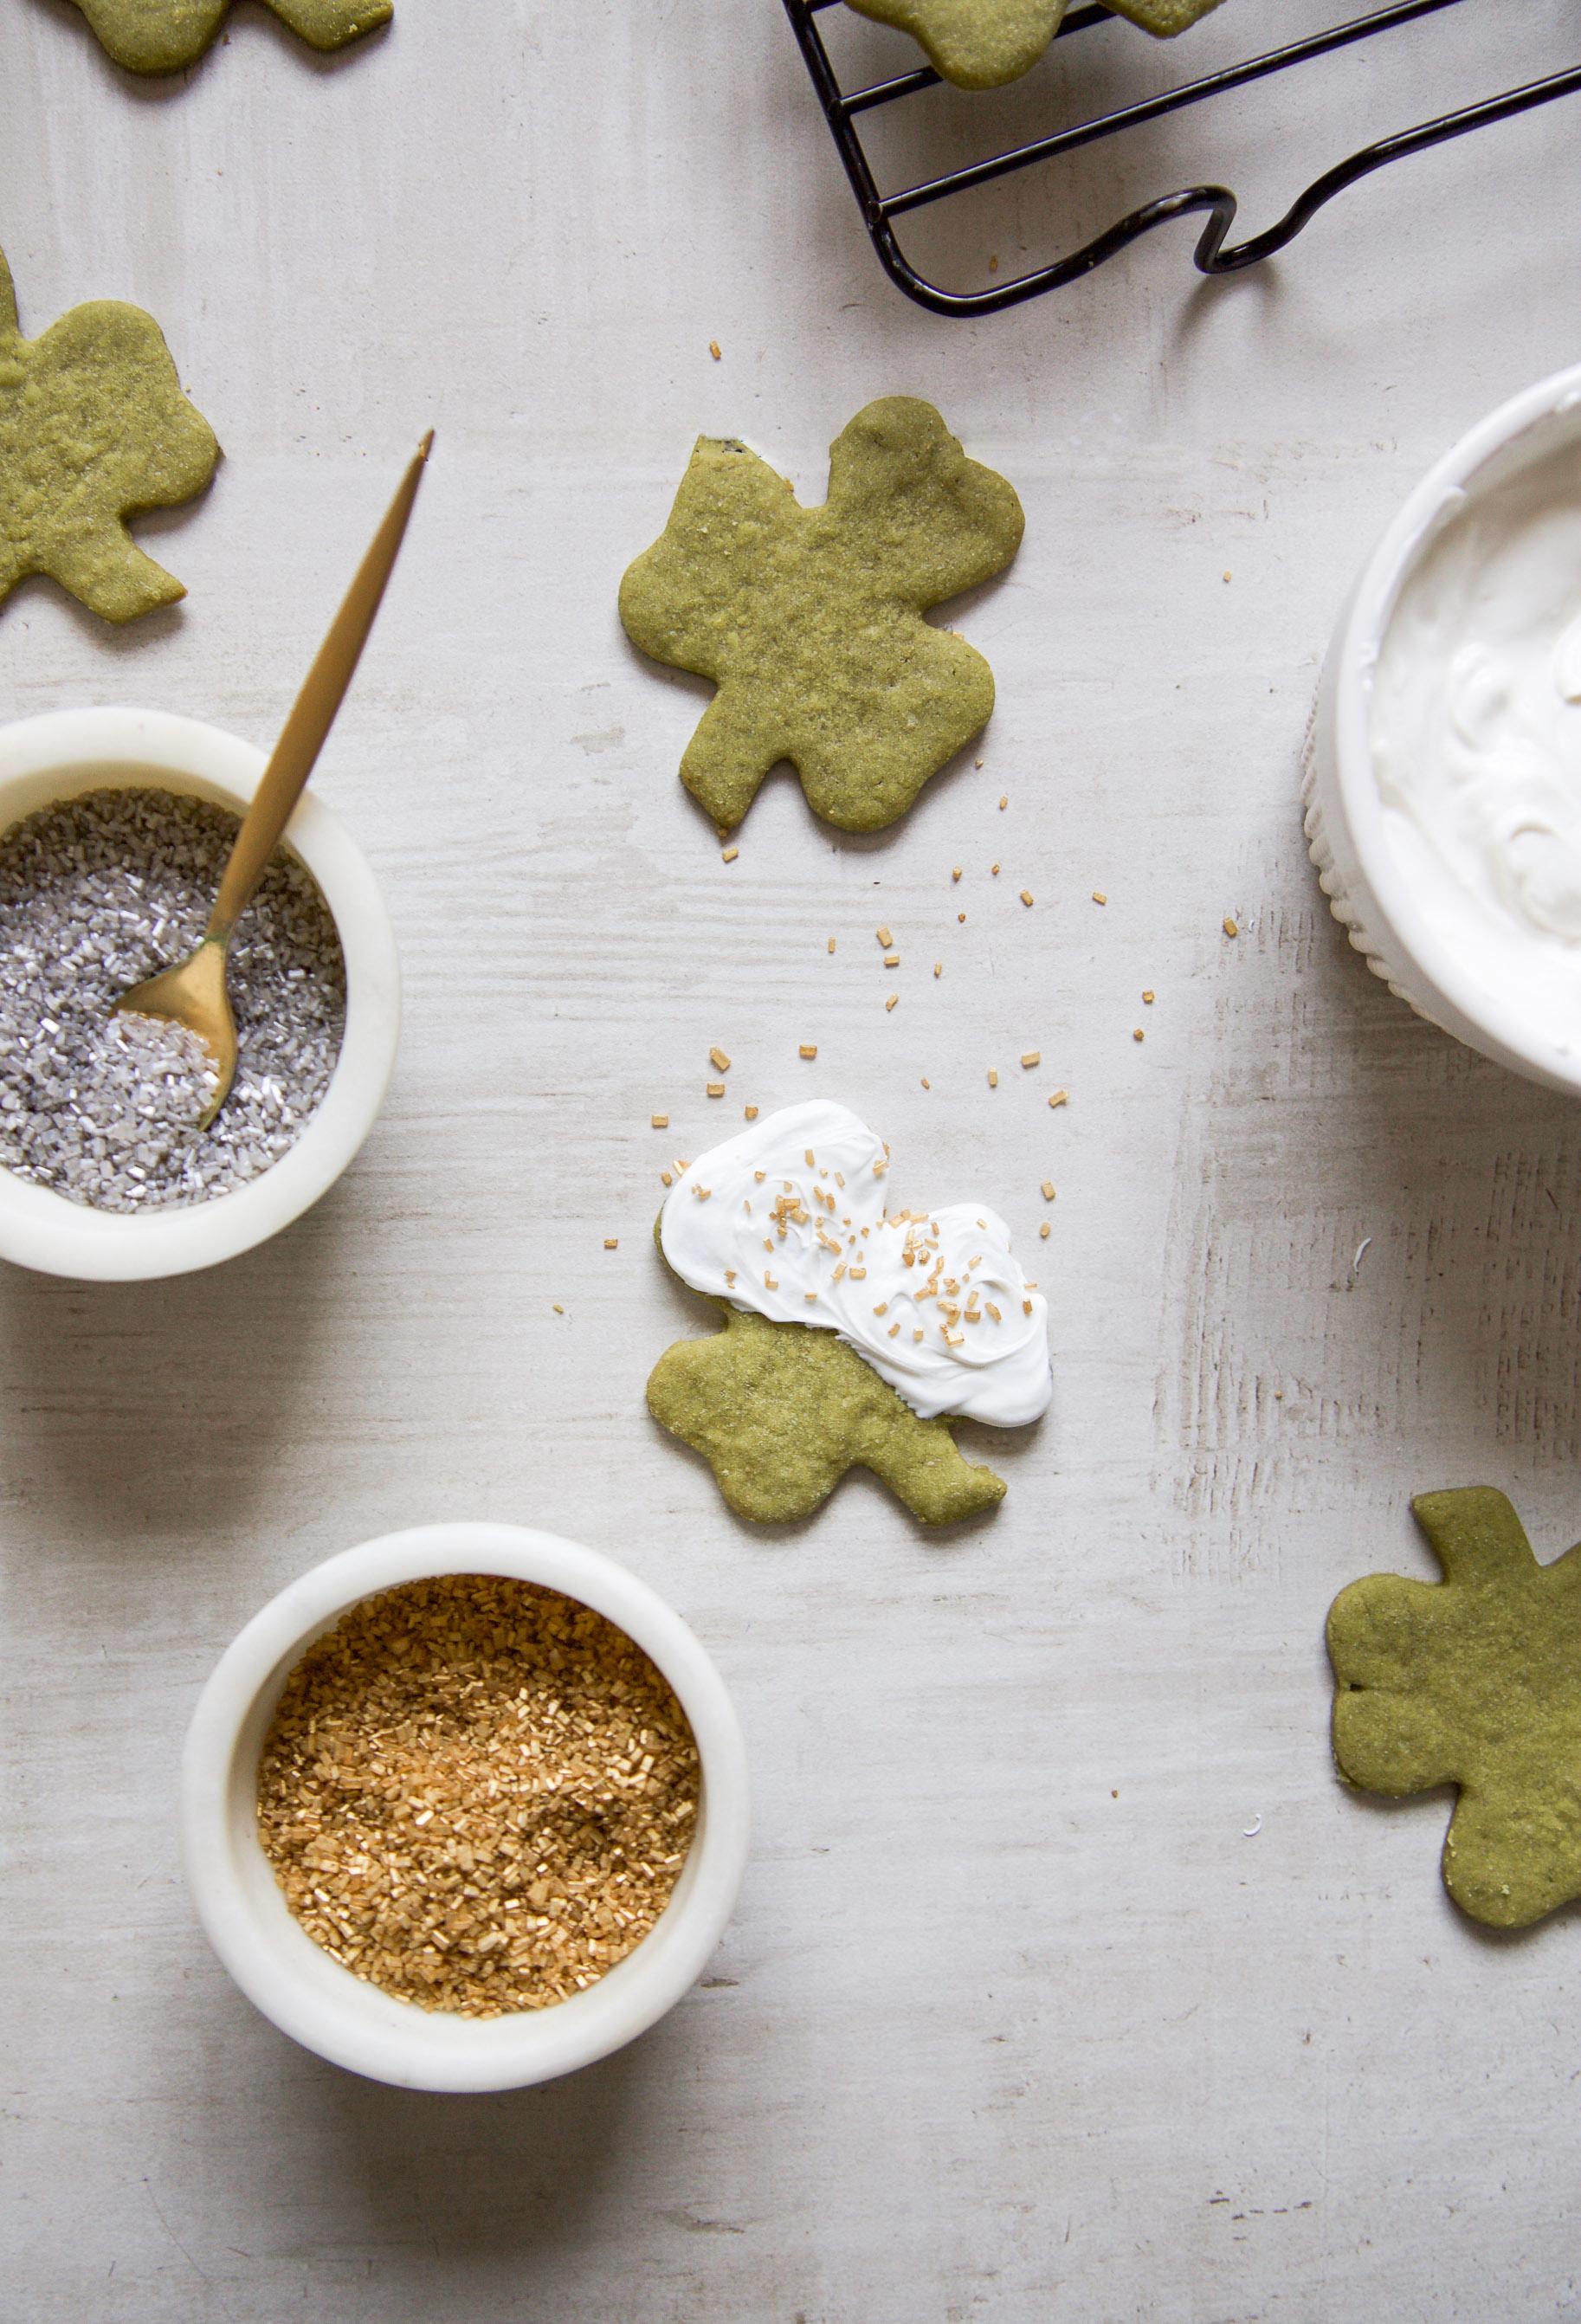 shamrock-cookies-2.jpg